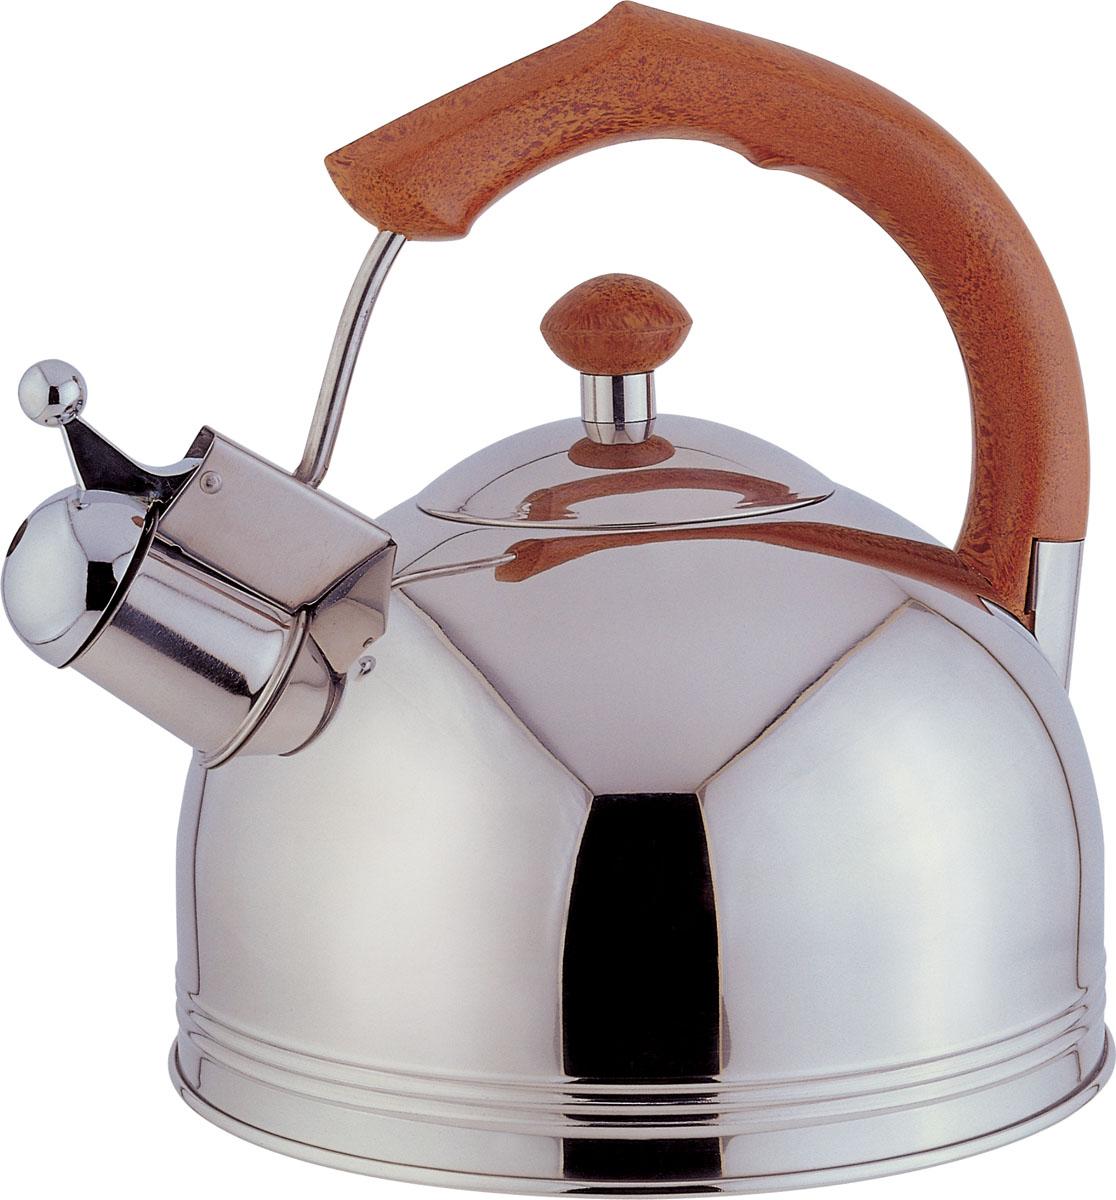 Чайник Bekker Koch со свистком, 3 л. BK-S317 александр соловьев 0 страсти по спорту page 1